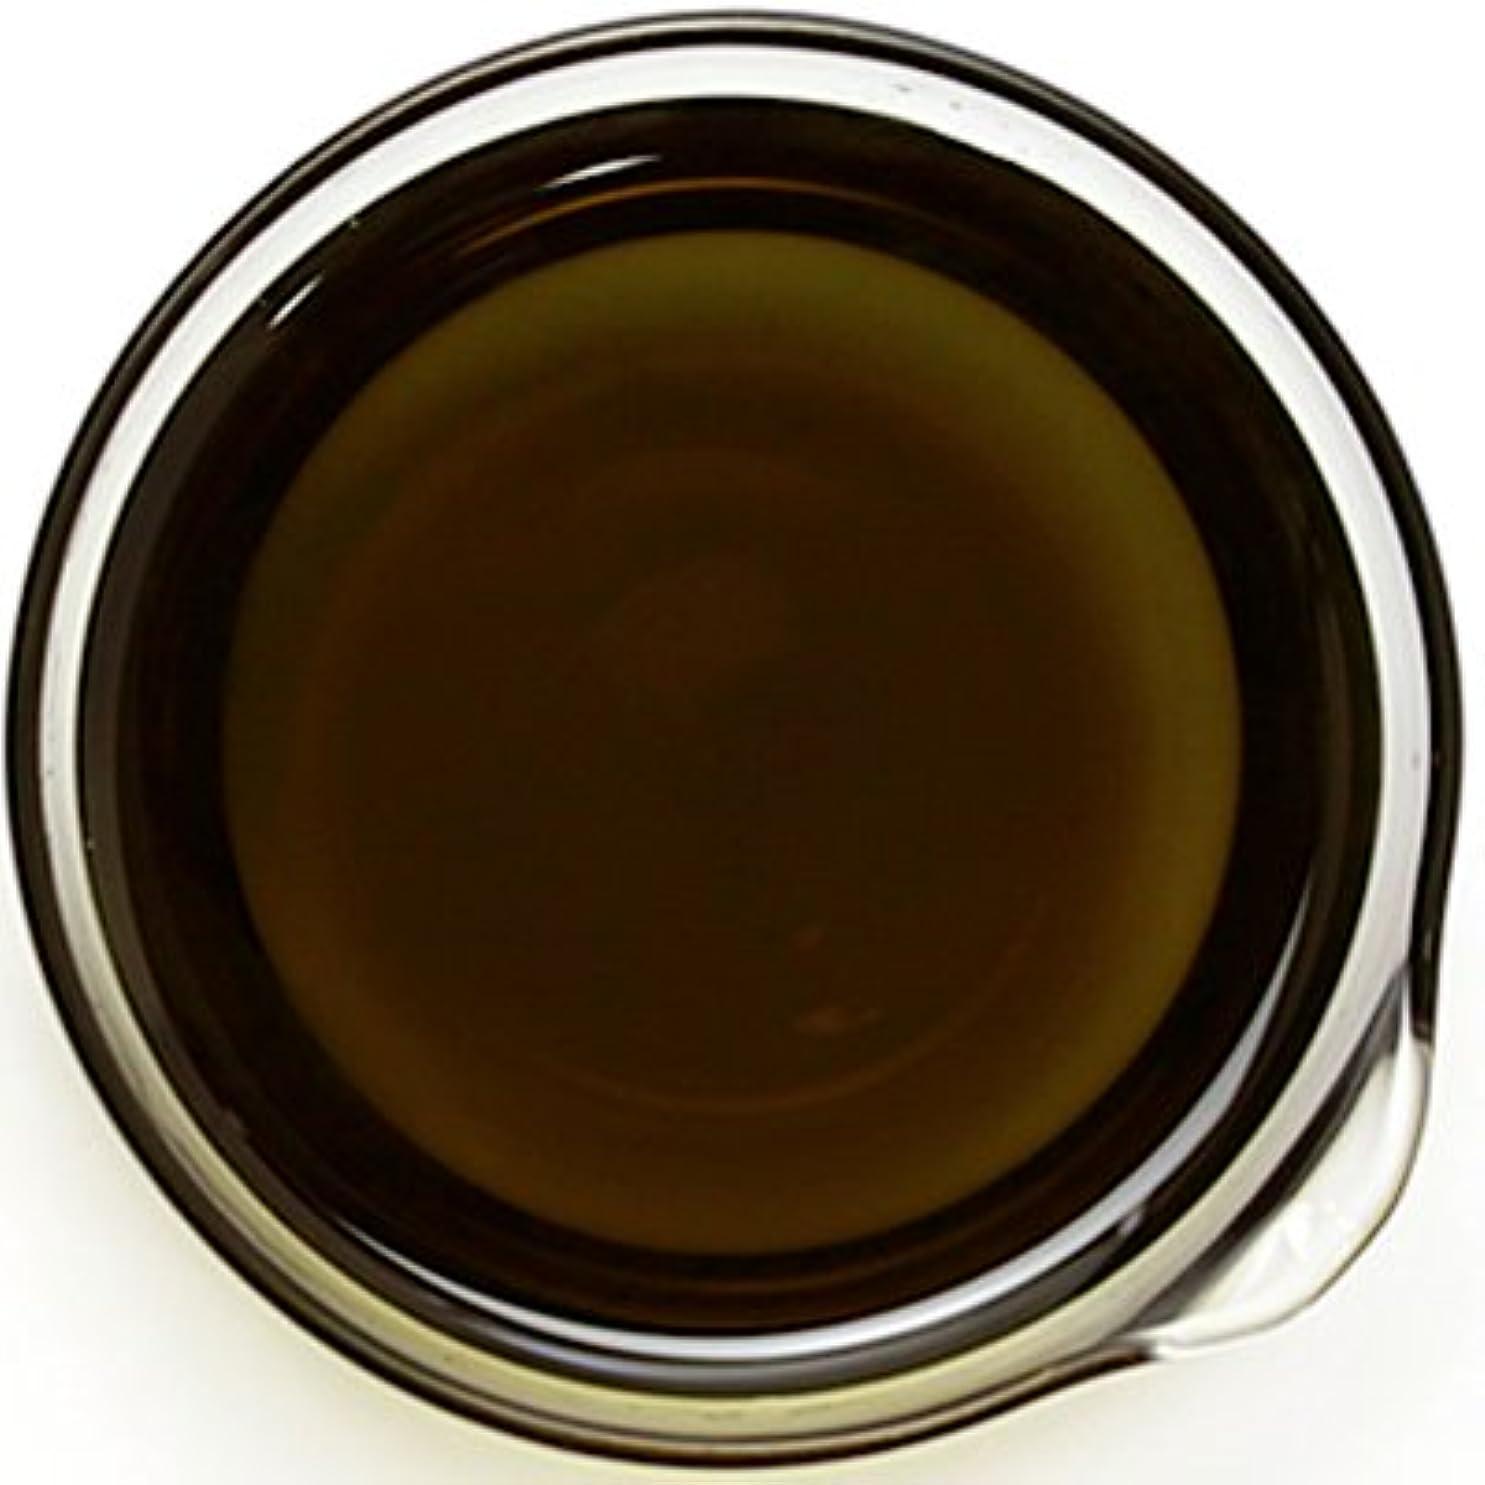 持つライドネズミオーガニック ヘンプシードオイル 1L 【麻種子油/手作りコスメ/美容オイル/キャリアオイル/マッサージオイル】【birth】